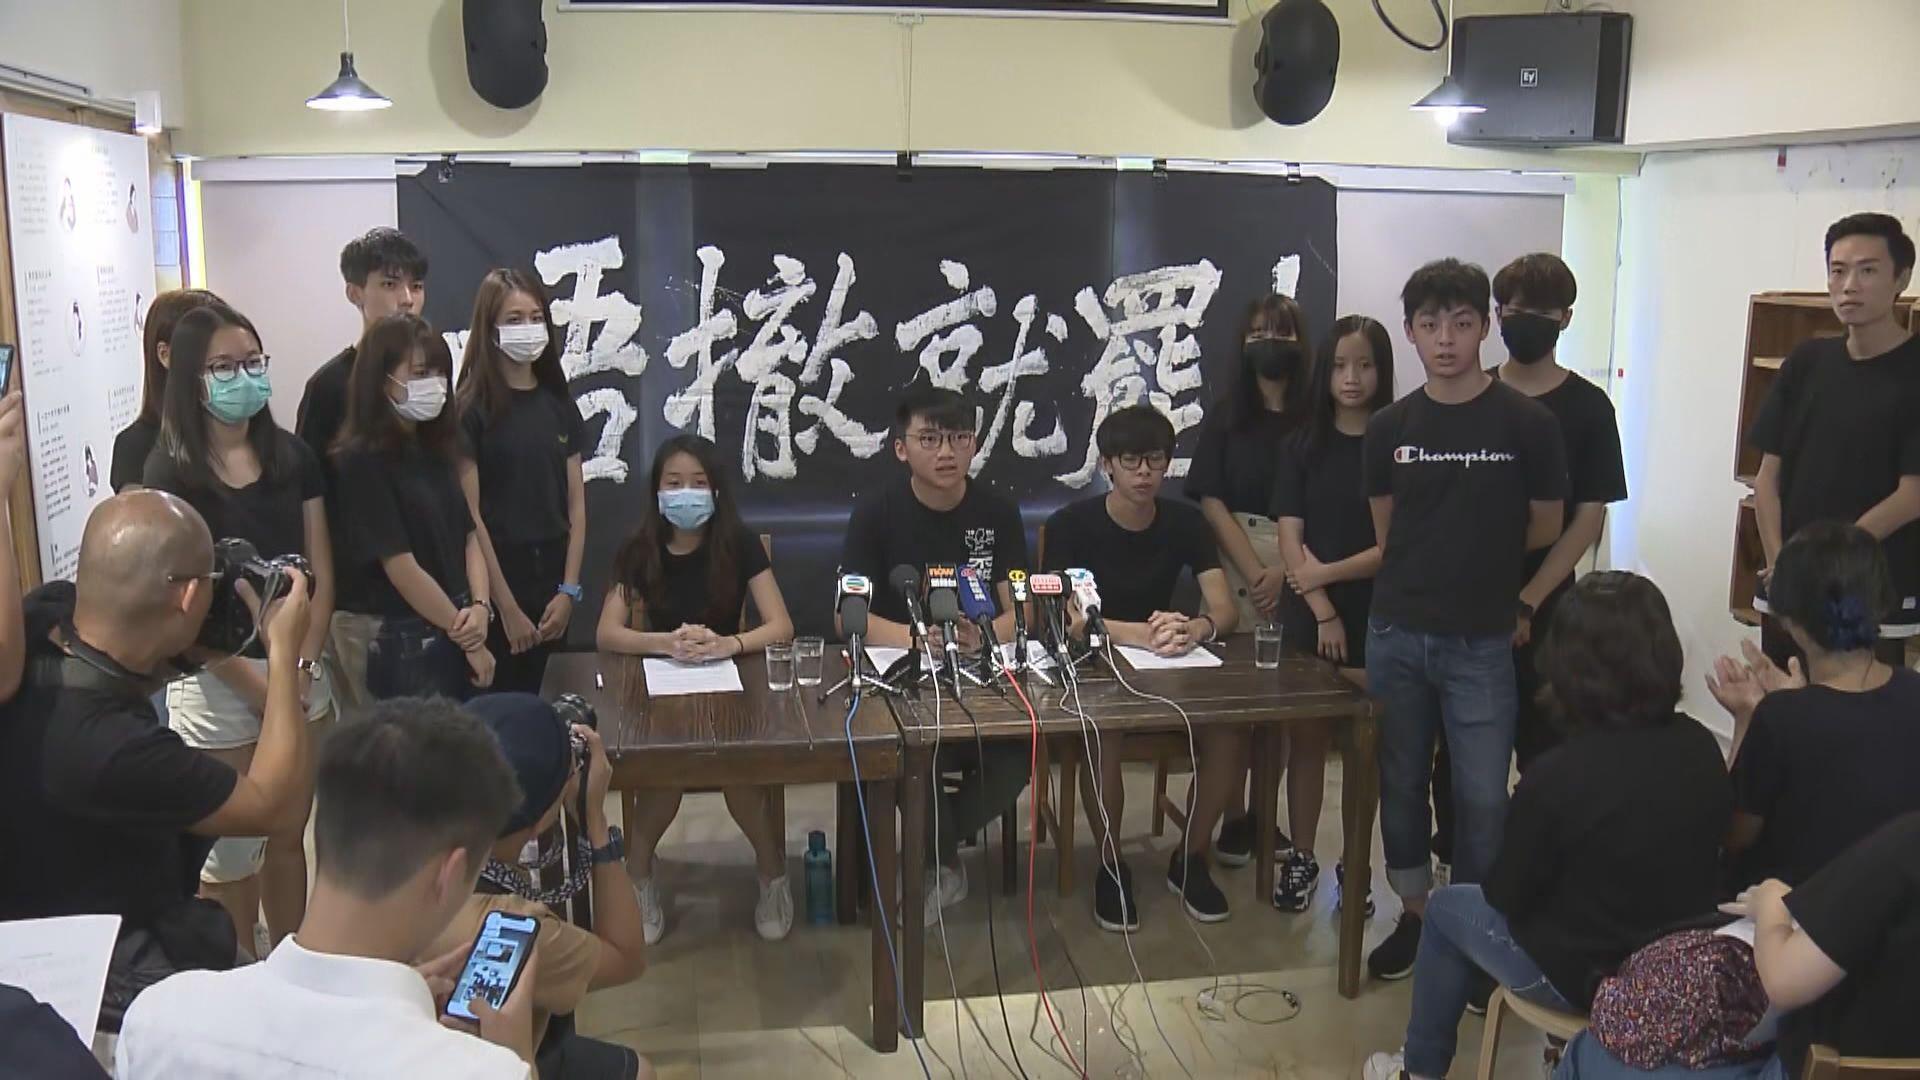 香港眾志及學生組織籌備九月二日發起罷課